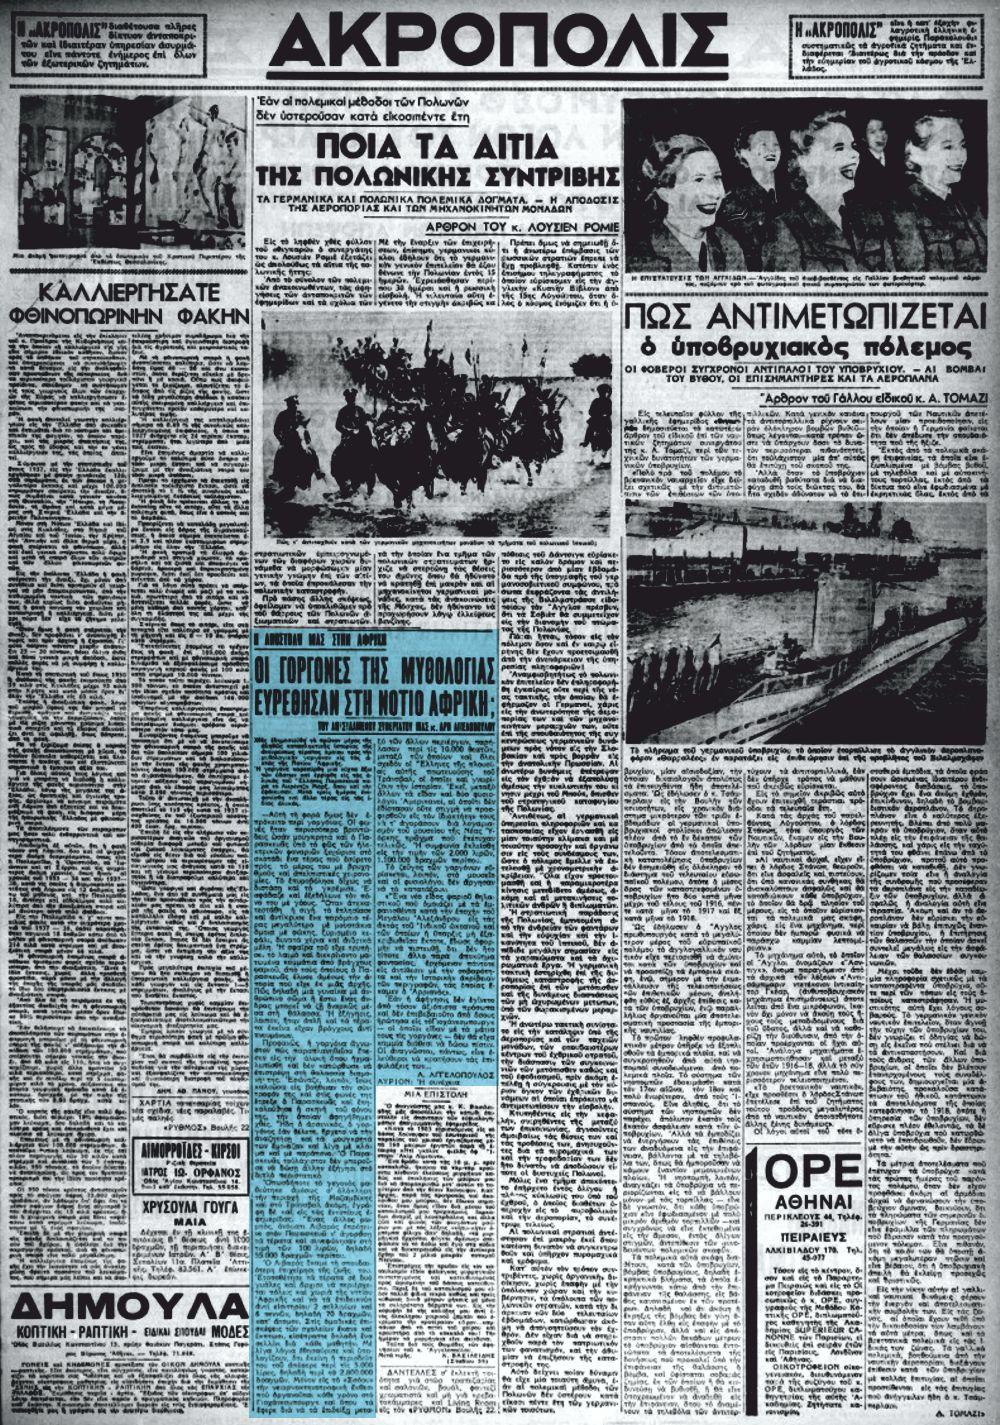 """Το άρθρο, όπως δημοσιεύθηκε στην εφημερίδα """"ΑΚΡΟΠΟΛΙΣ"""", στις 09/10/1939"""